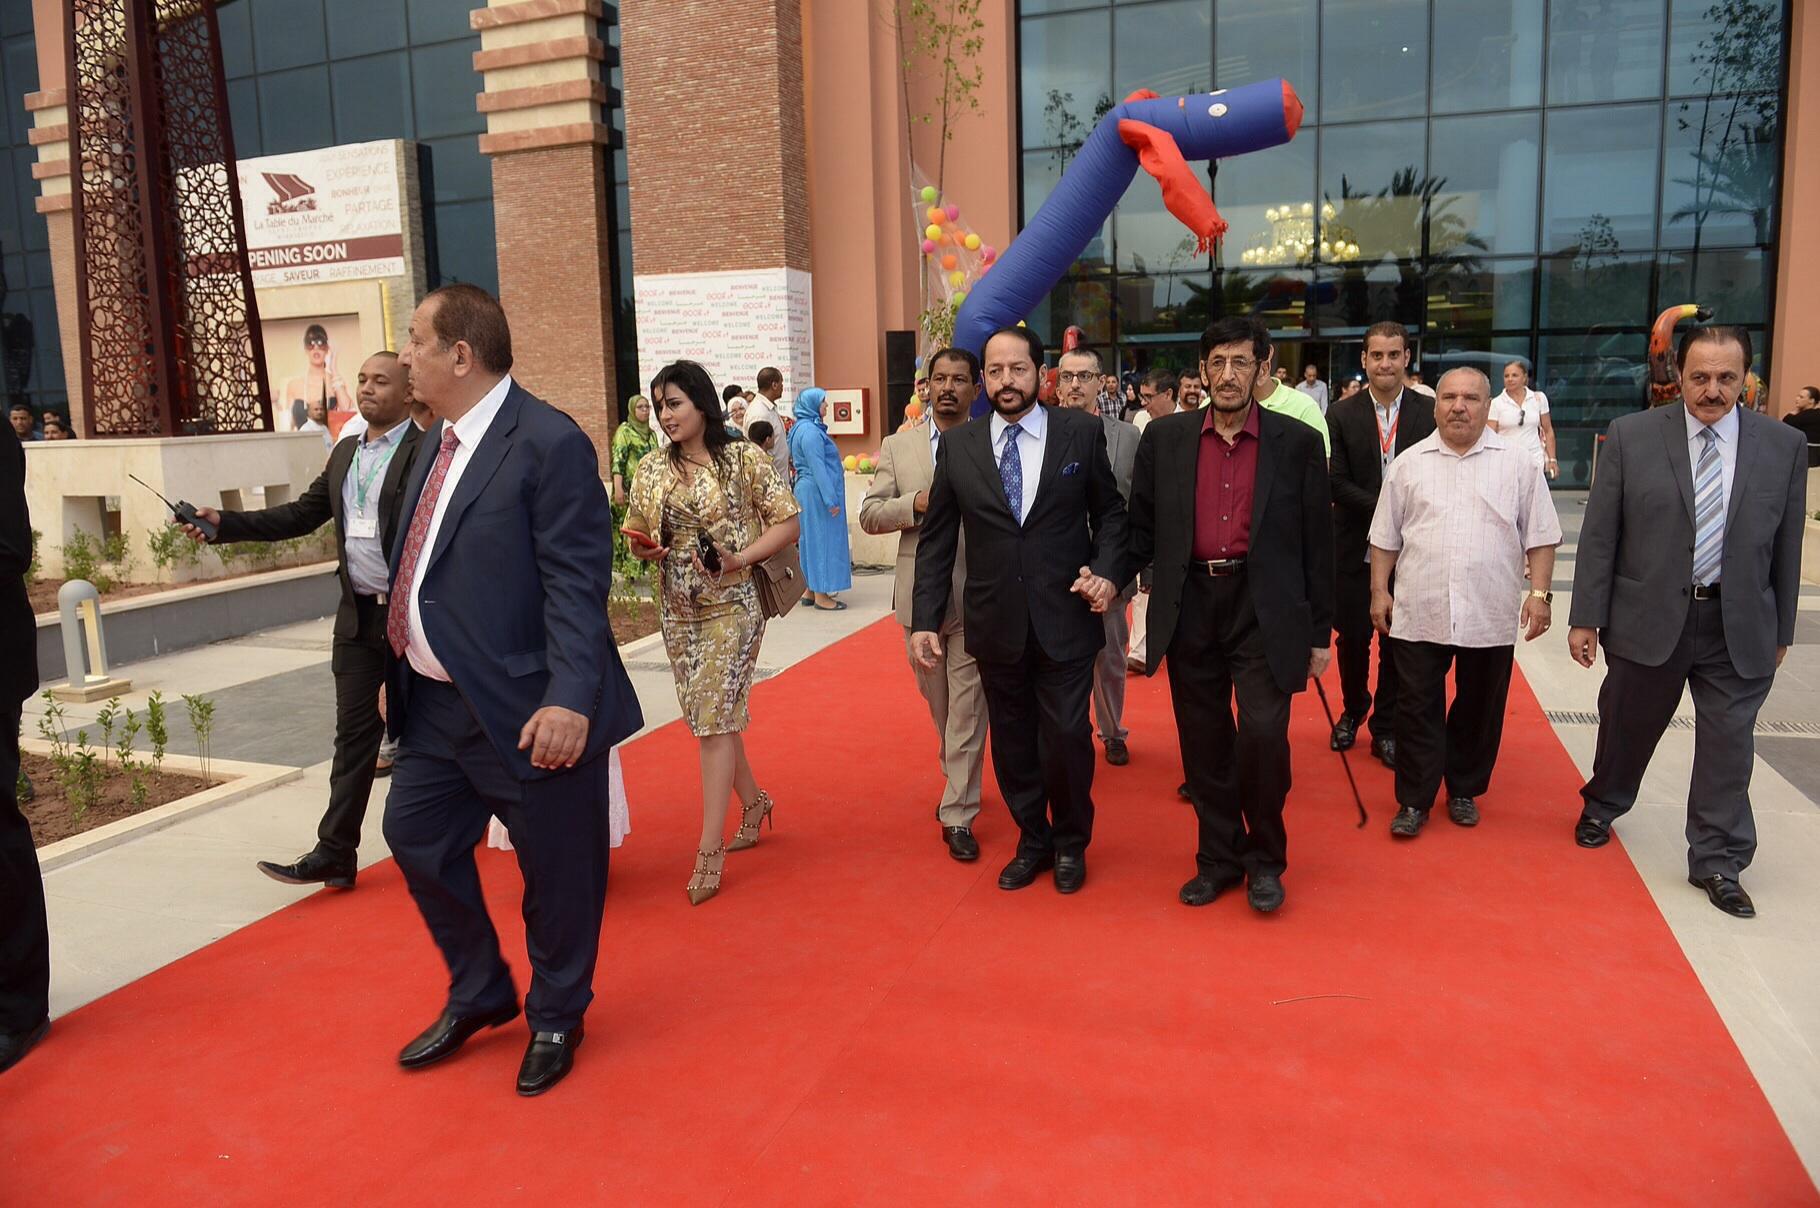 مدونون مغاربة ينتقدون استقبال وزير إماراتي على طريقة العاهل المغربي